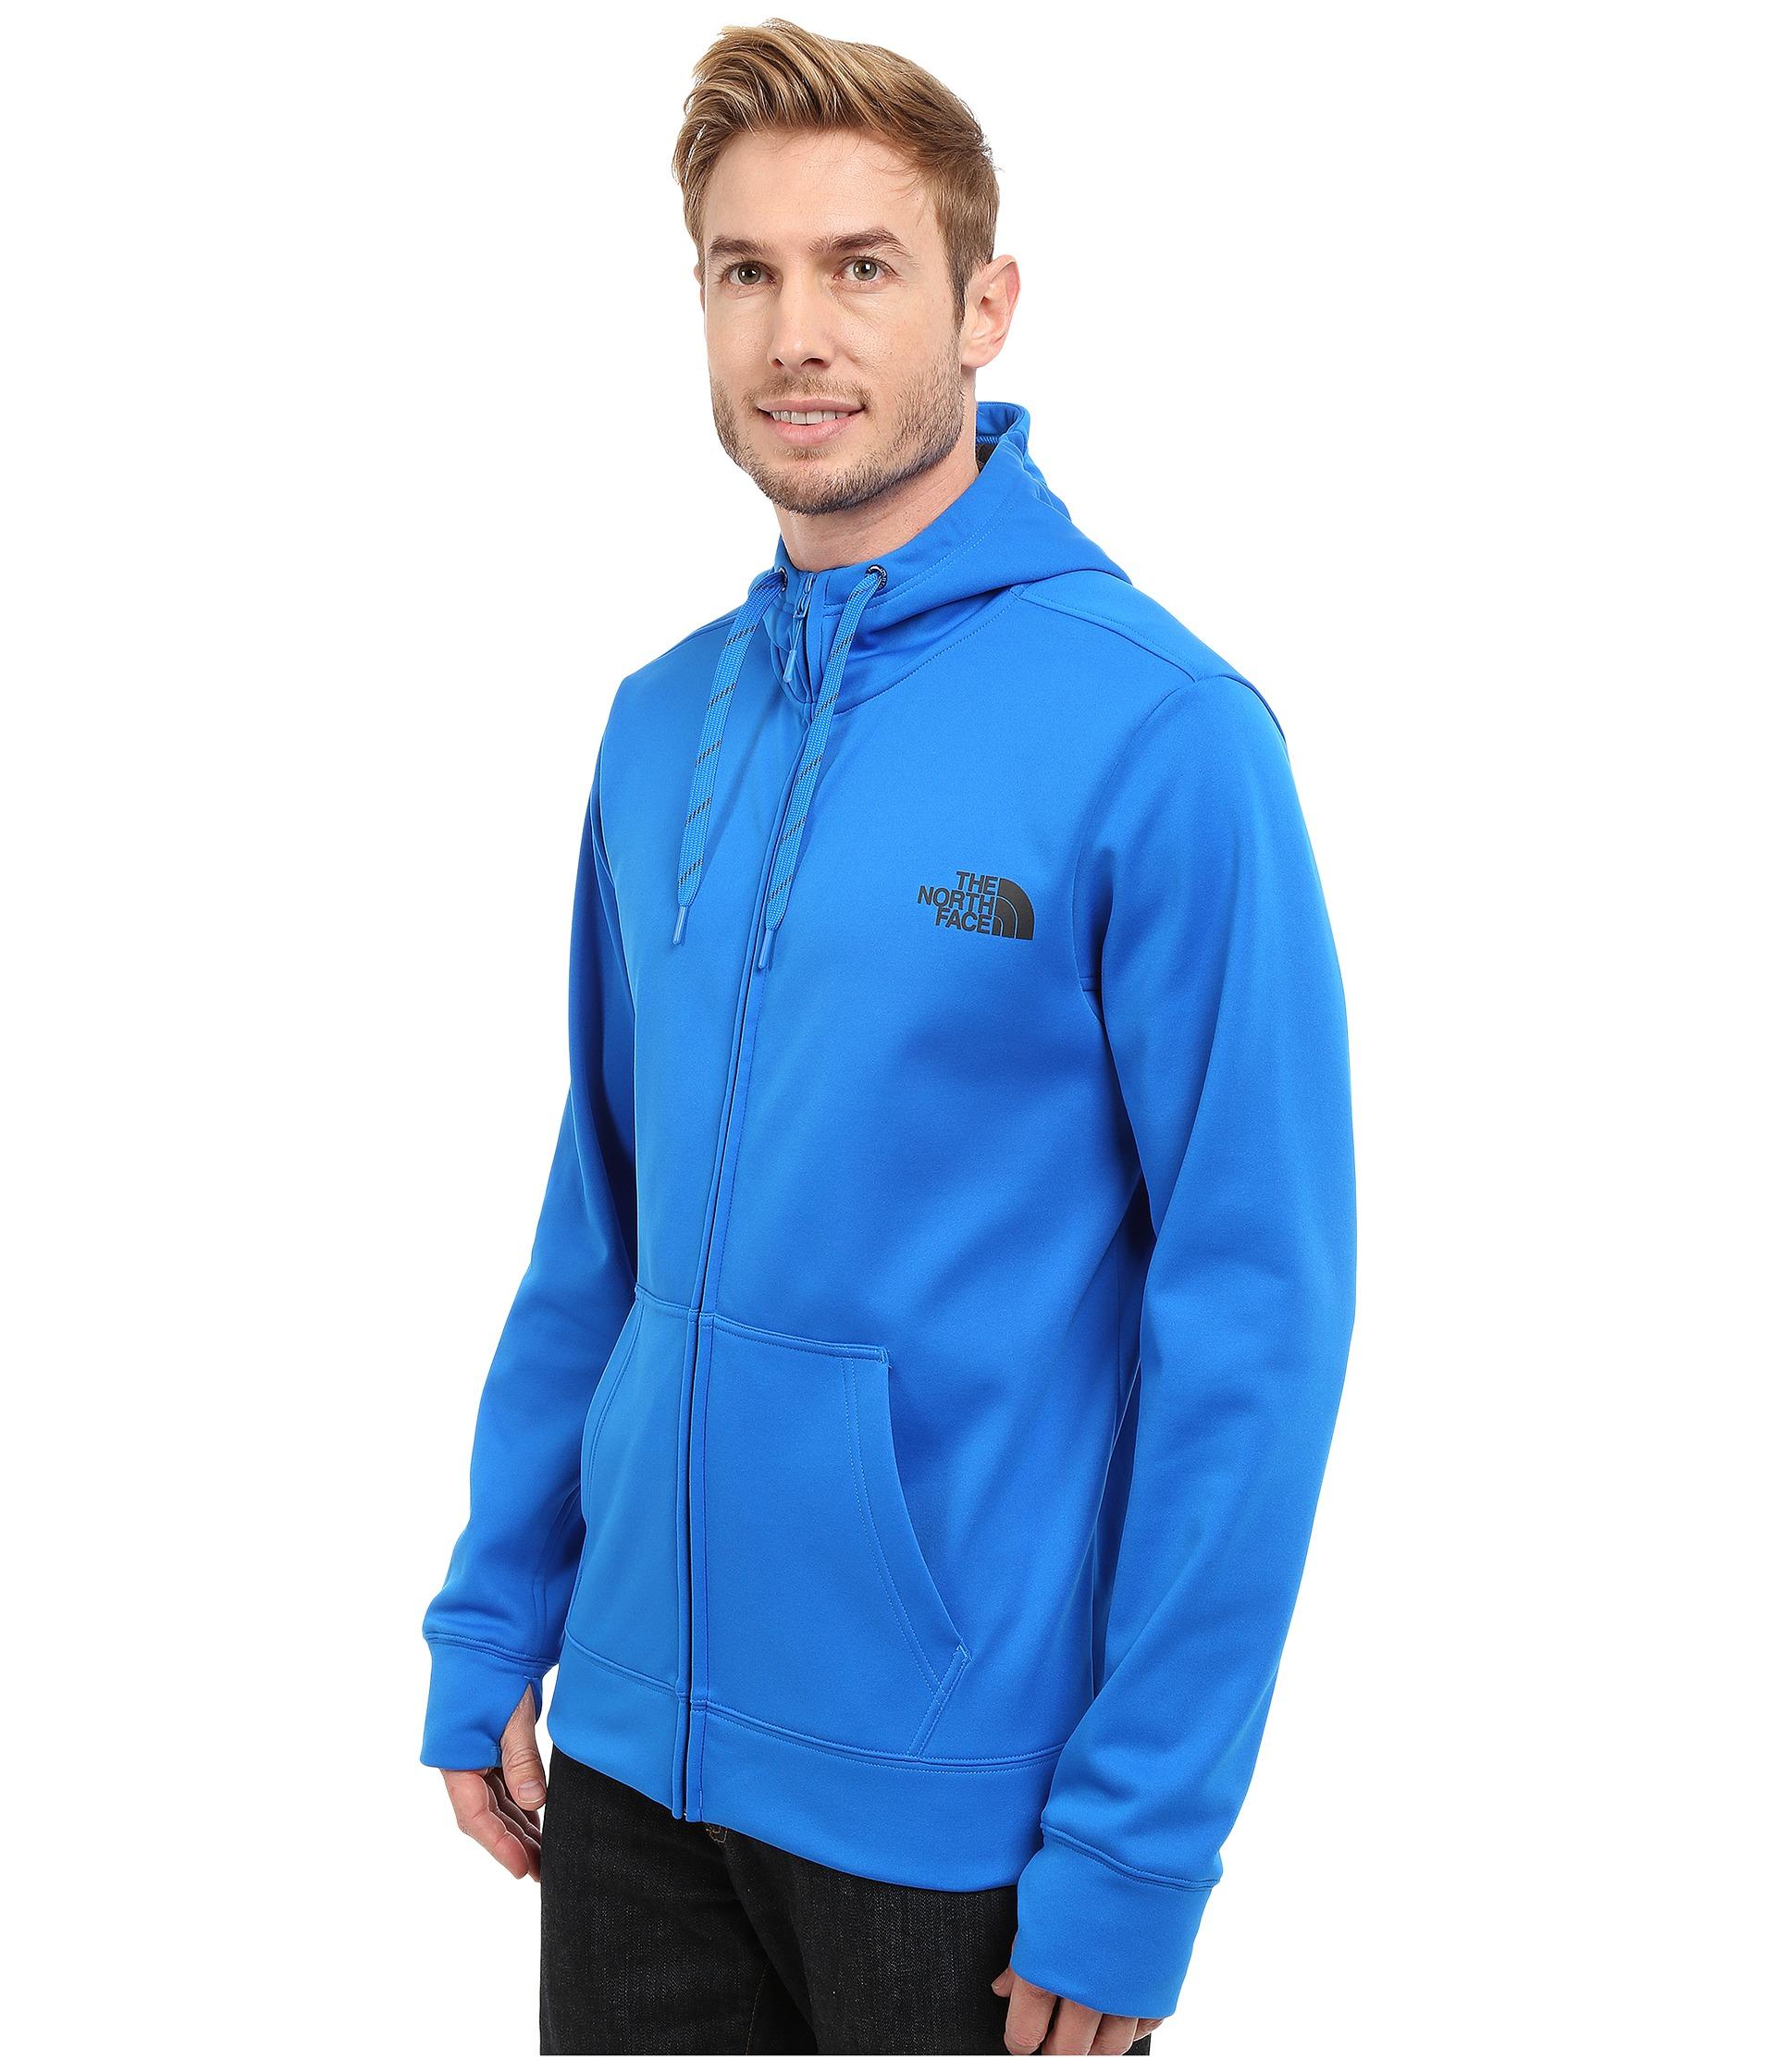 c1256ad3c Men's Blue Surgent Lfc Full Zip Hoodie